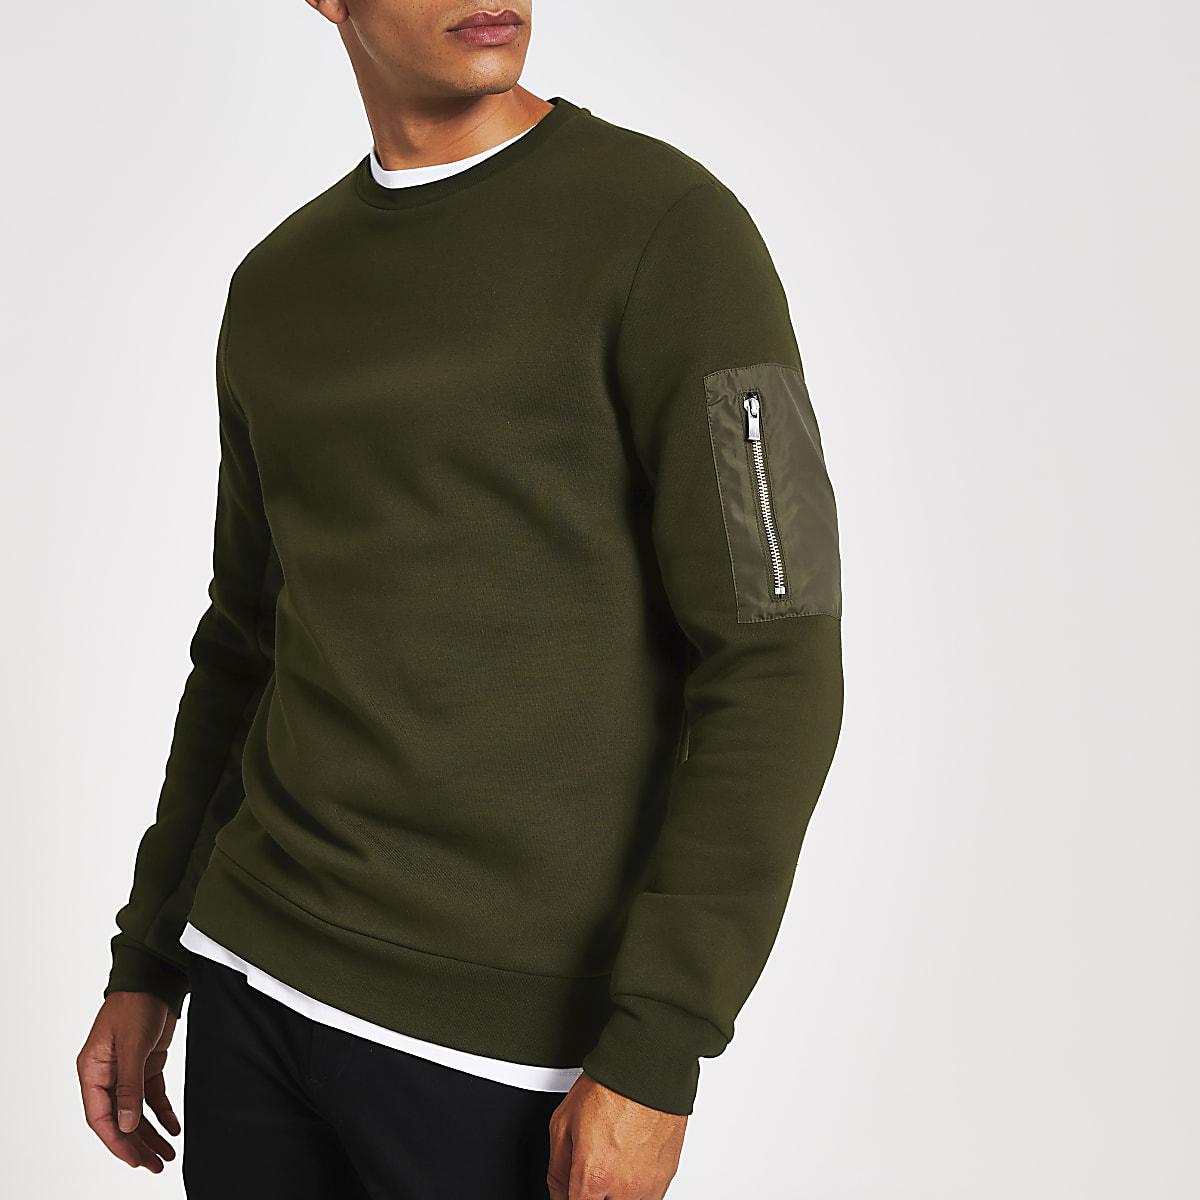 Khaki long sleeve utility sweatshirt